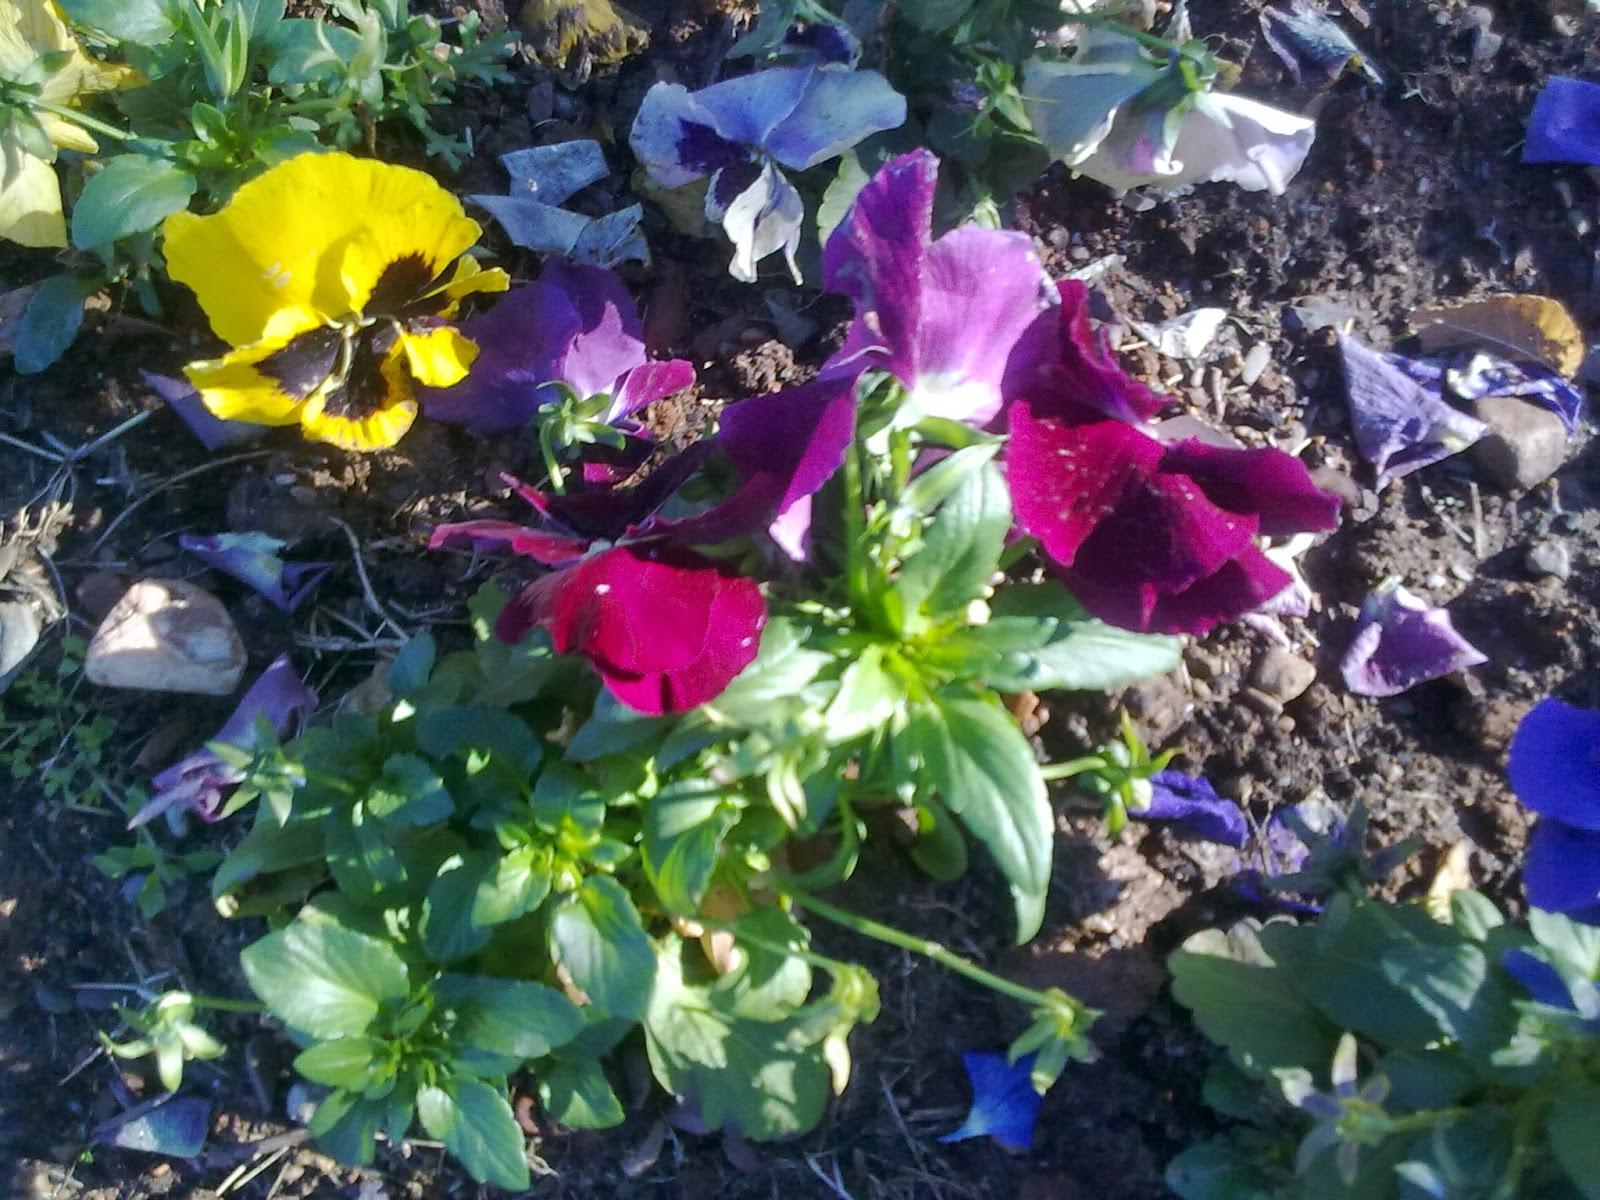 Fotos De Flores Muy Hermosas - Imagenes De Flores Exóticas, muy extrañas Imagenes De